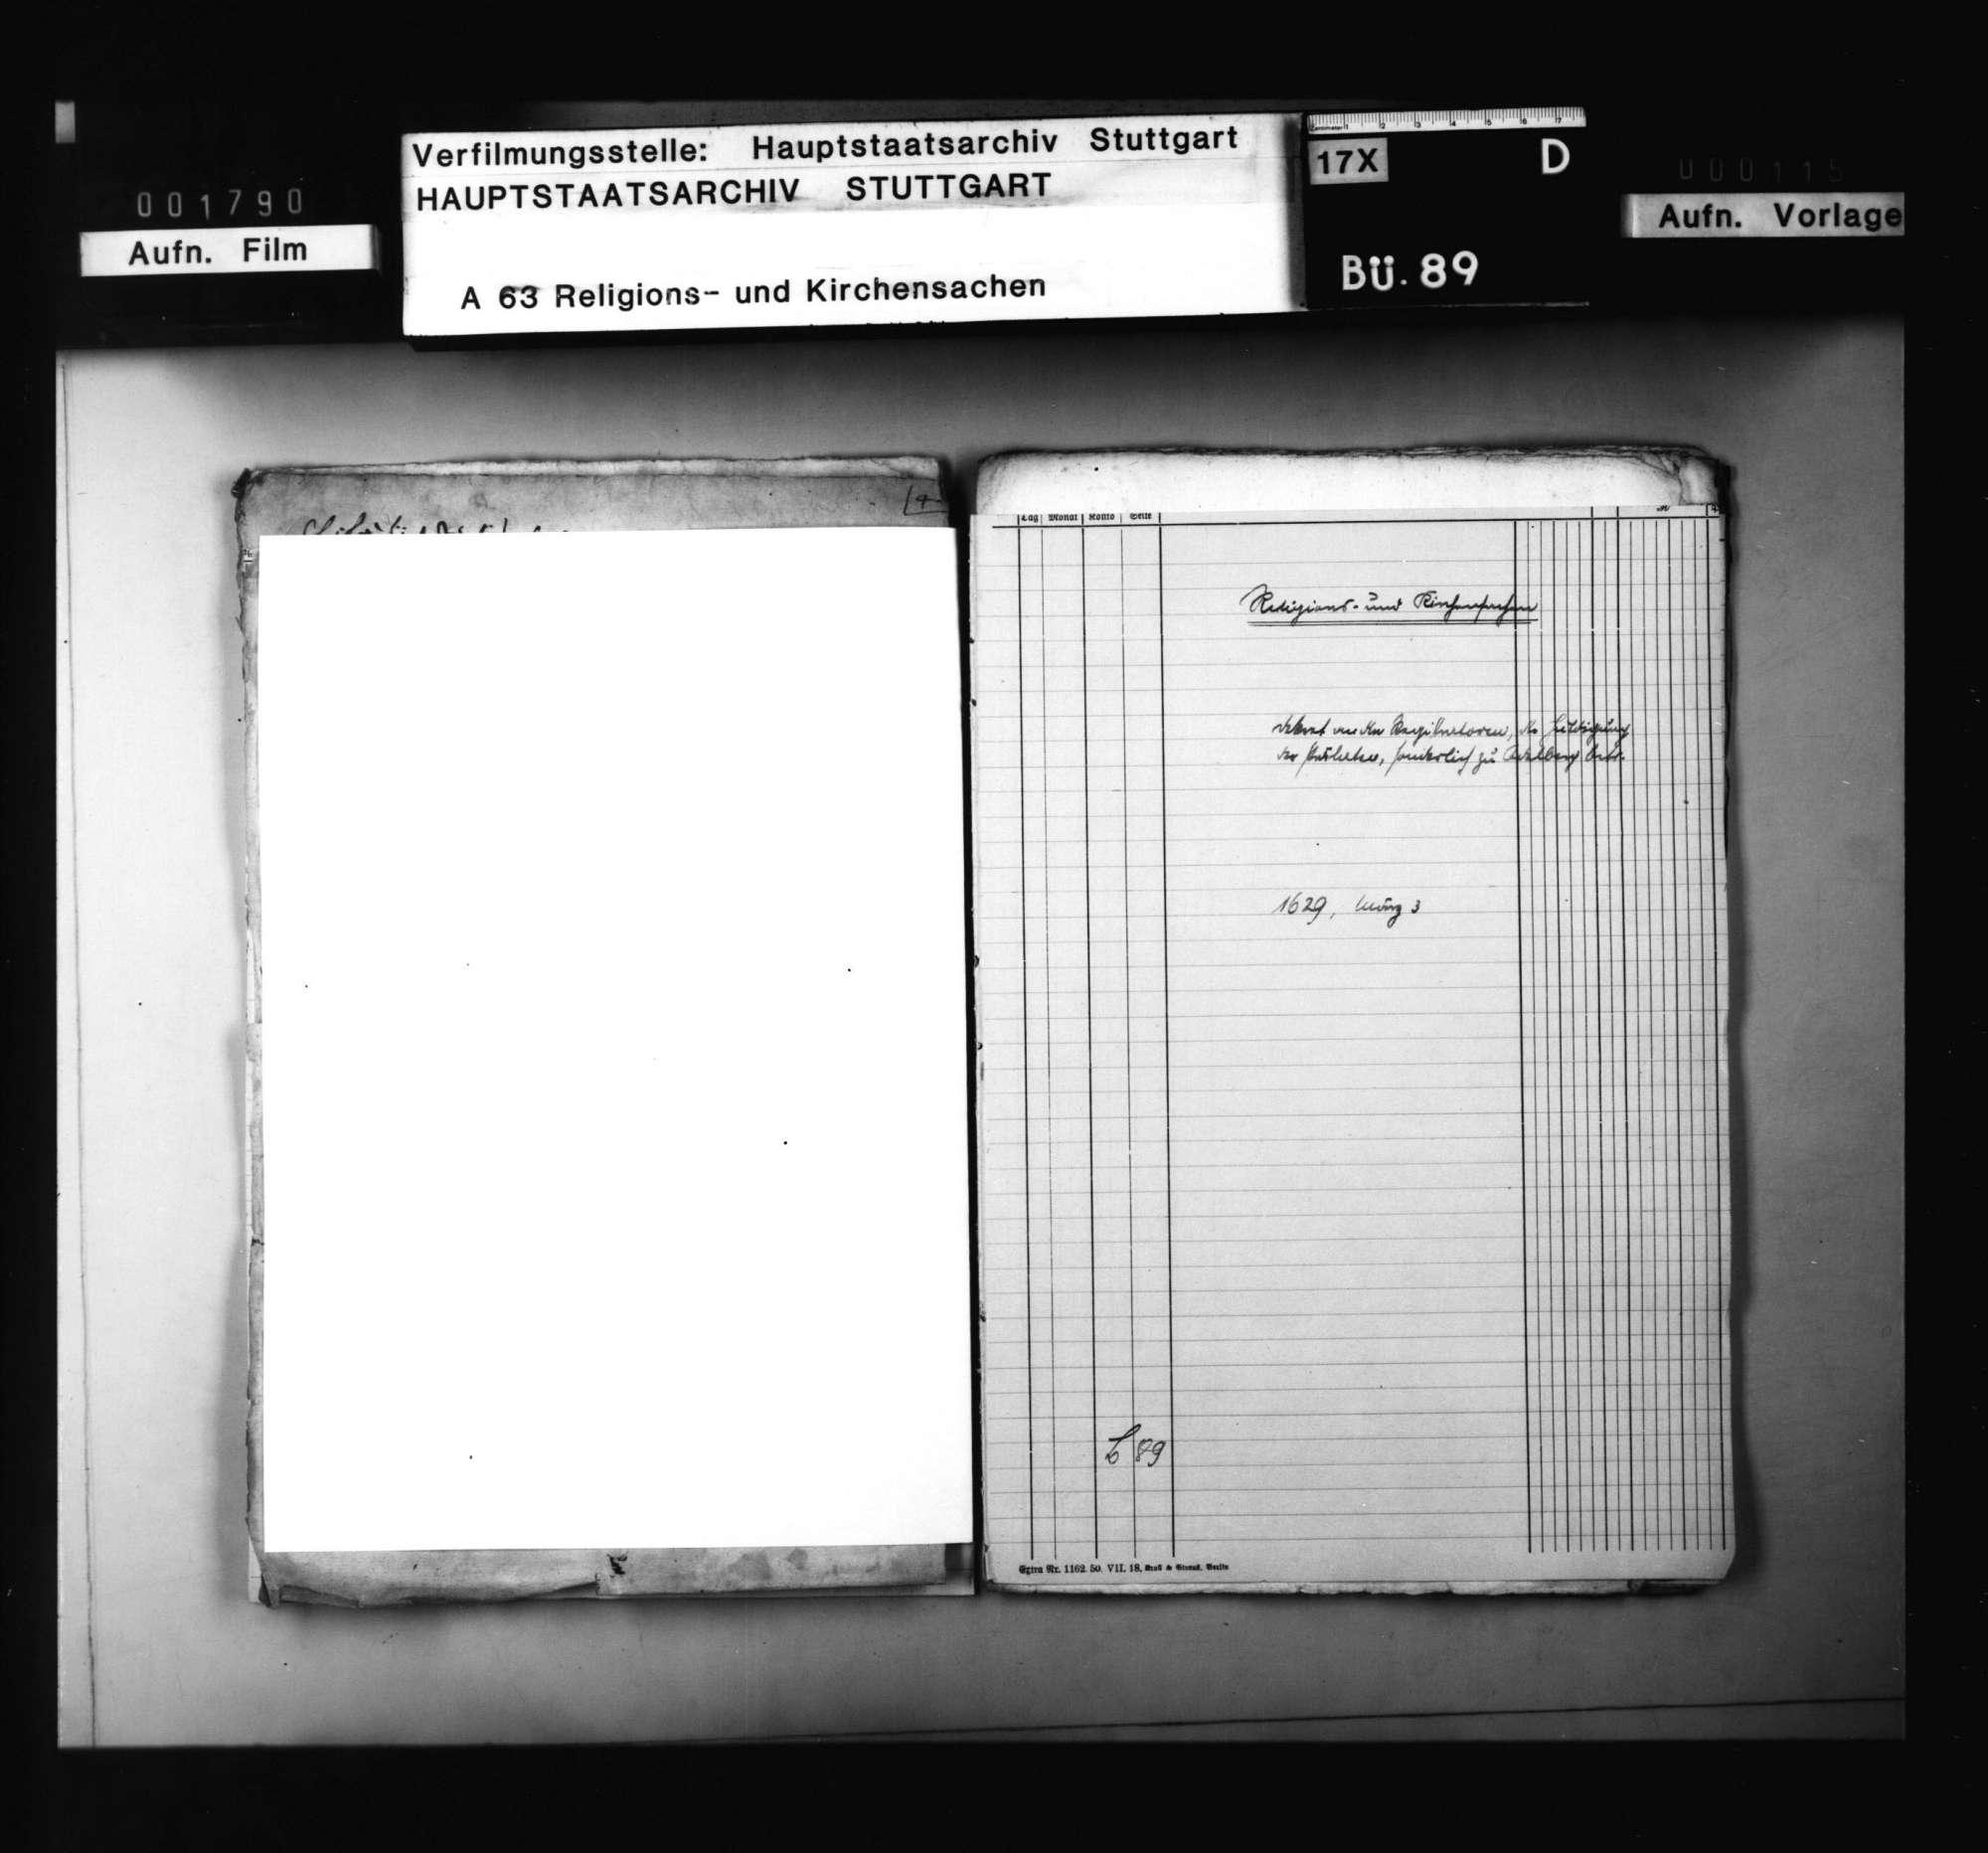 Dekret an die Registratoren um Bericht über die Huldigung der Prälaten, sonderlich zu Adelberg, einschließlich angeforderter Bericht., Bild 1